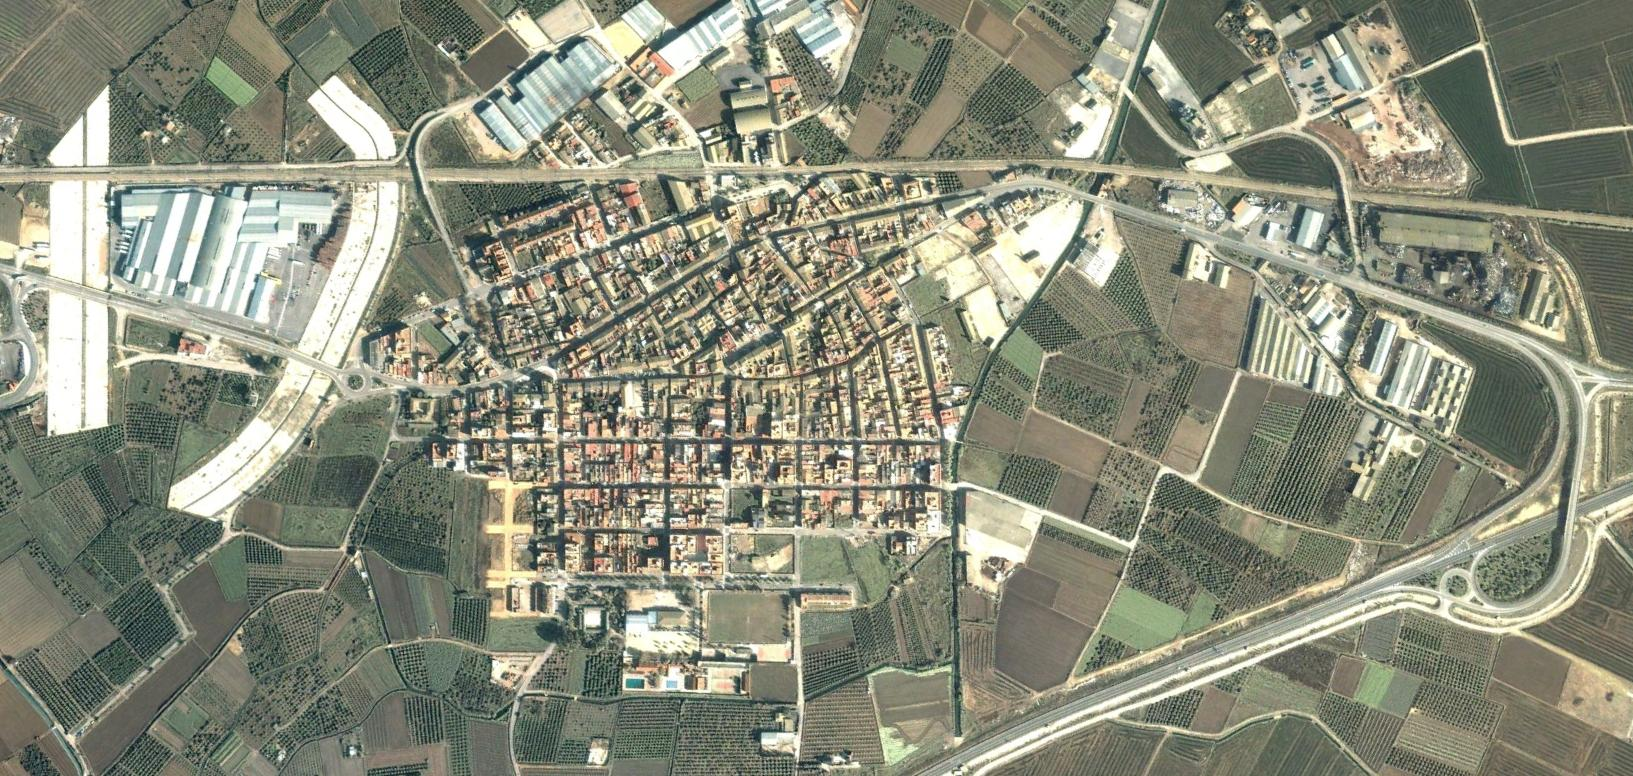 sollana, valencia, guttierrez, antes, urbanismo, planeamiento, urbano, desastre, urbanístico, construcción